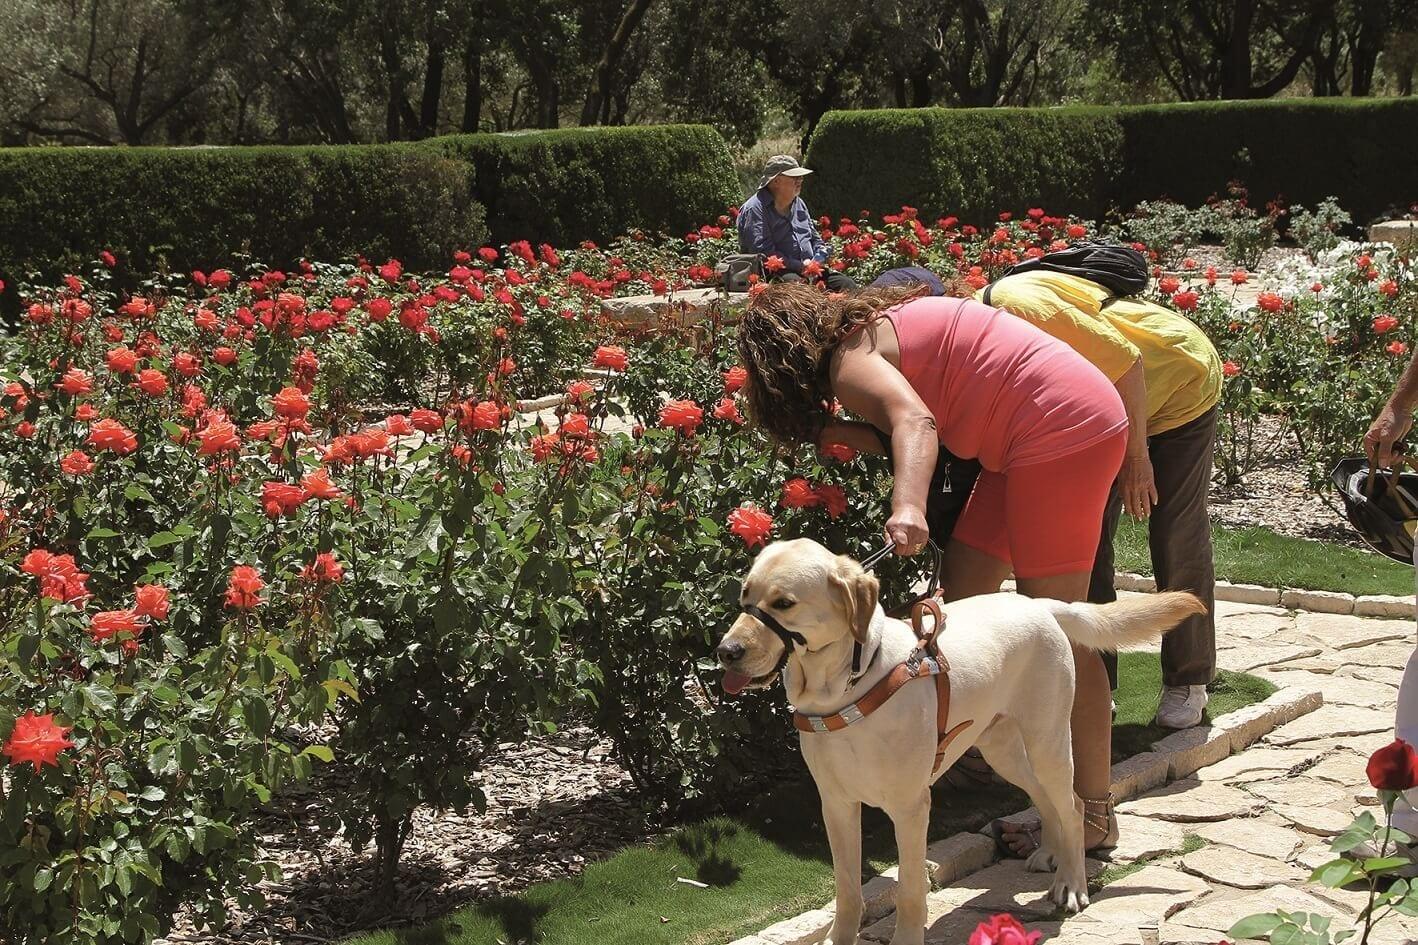 לקויי ראייה עם כלב נחייה בגן הוורדים